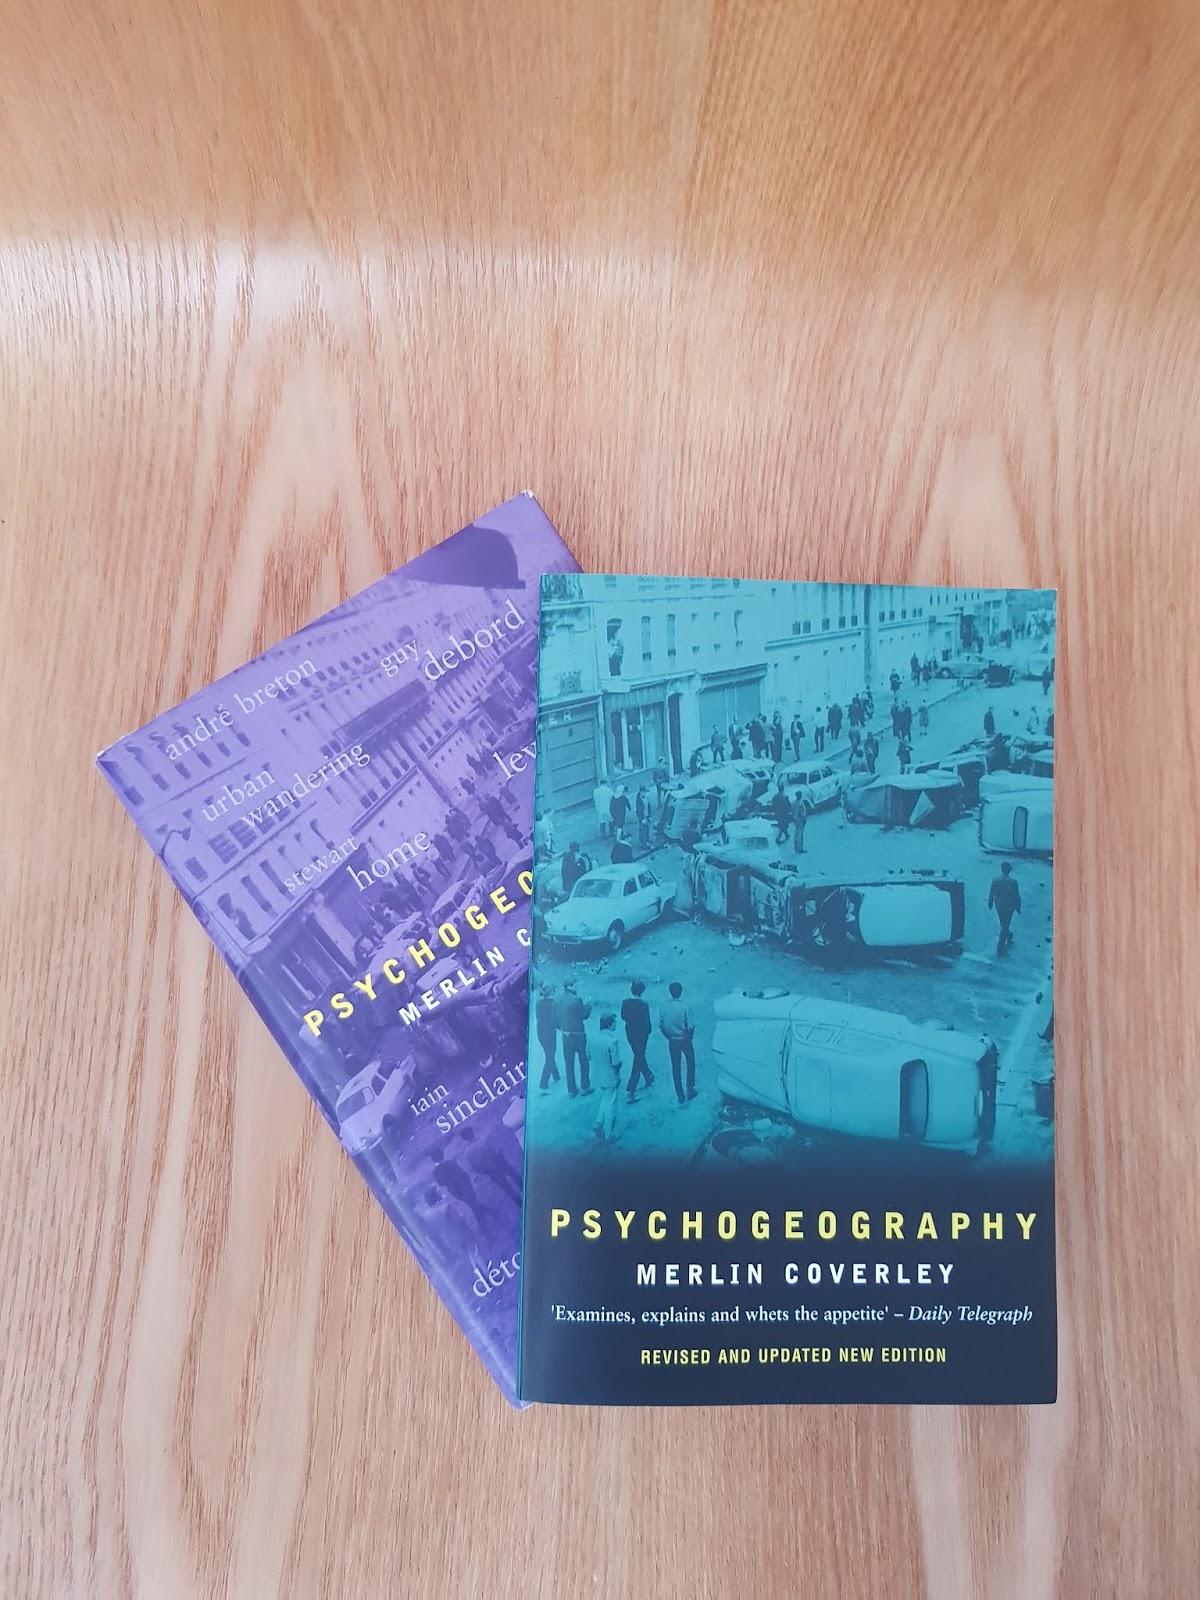 PSYCHOGEOGRAPHY MERLIN COVERLEY EPUB